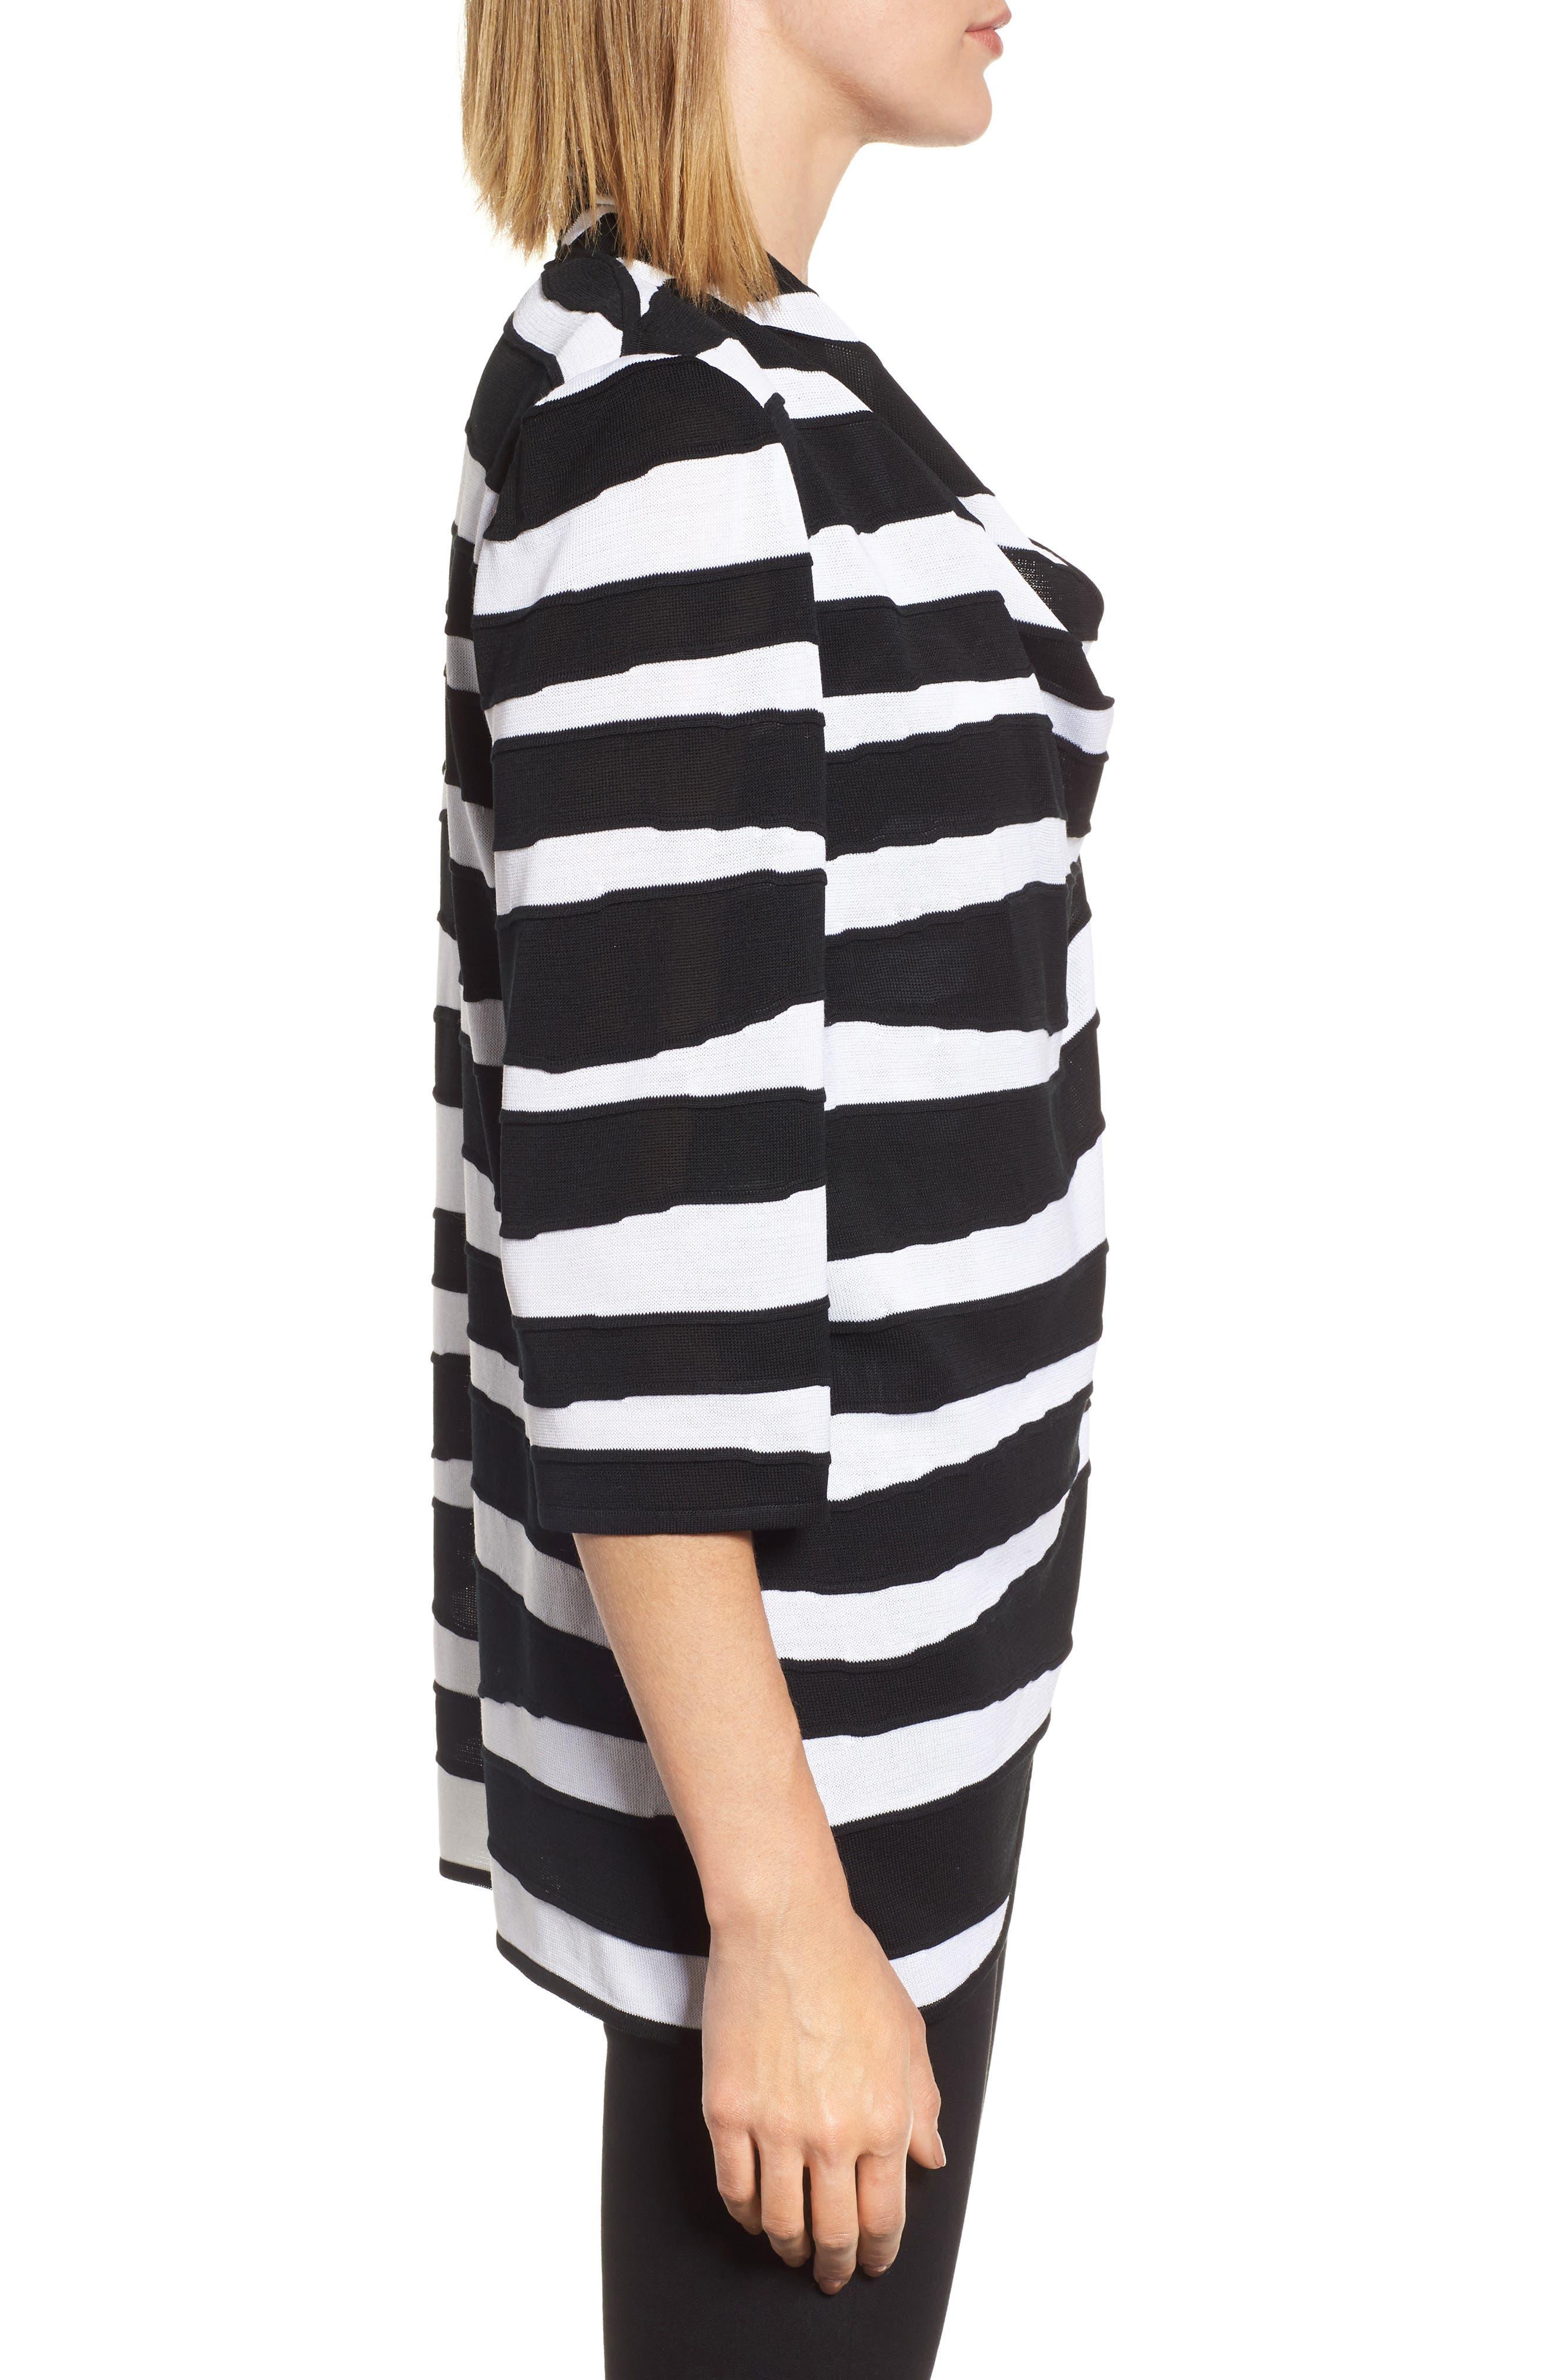 Animal Jacquard Knit Jacket,                             Alternate thumbnail 3, color,                             Black/ White